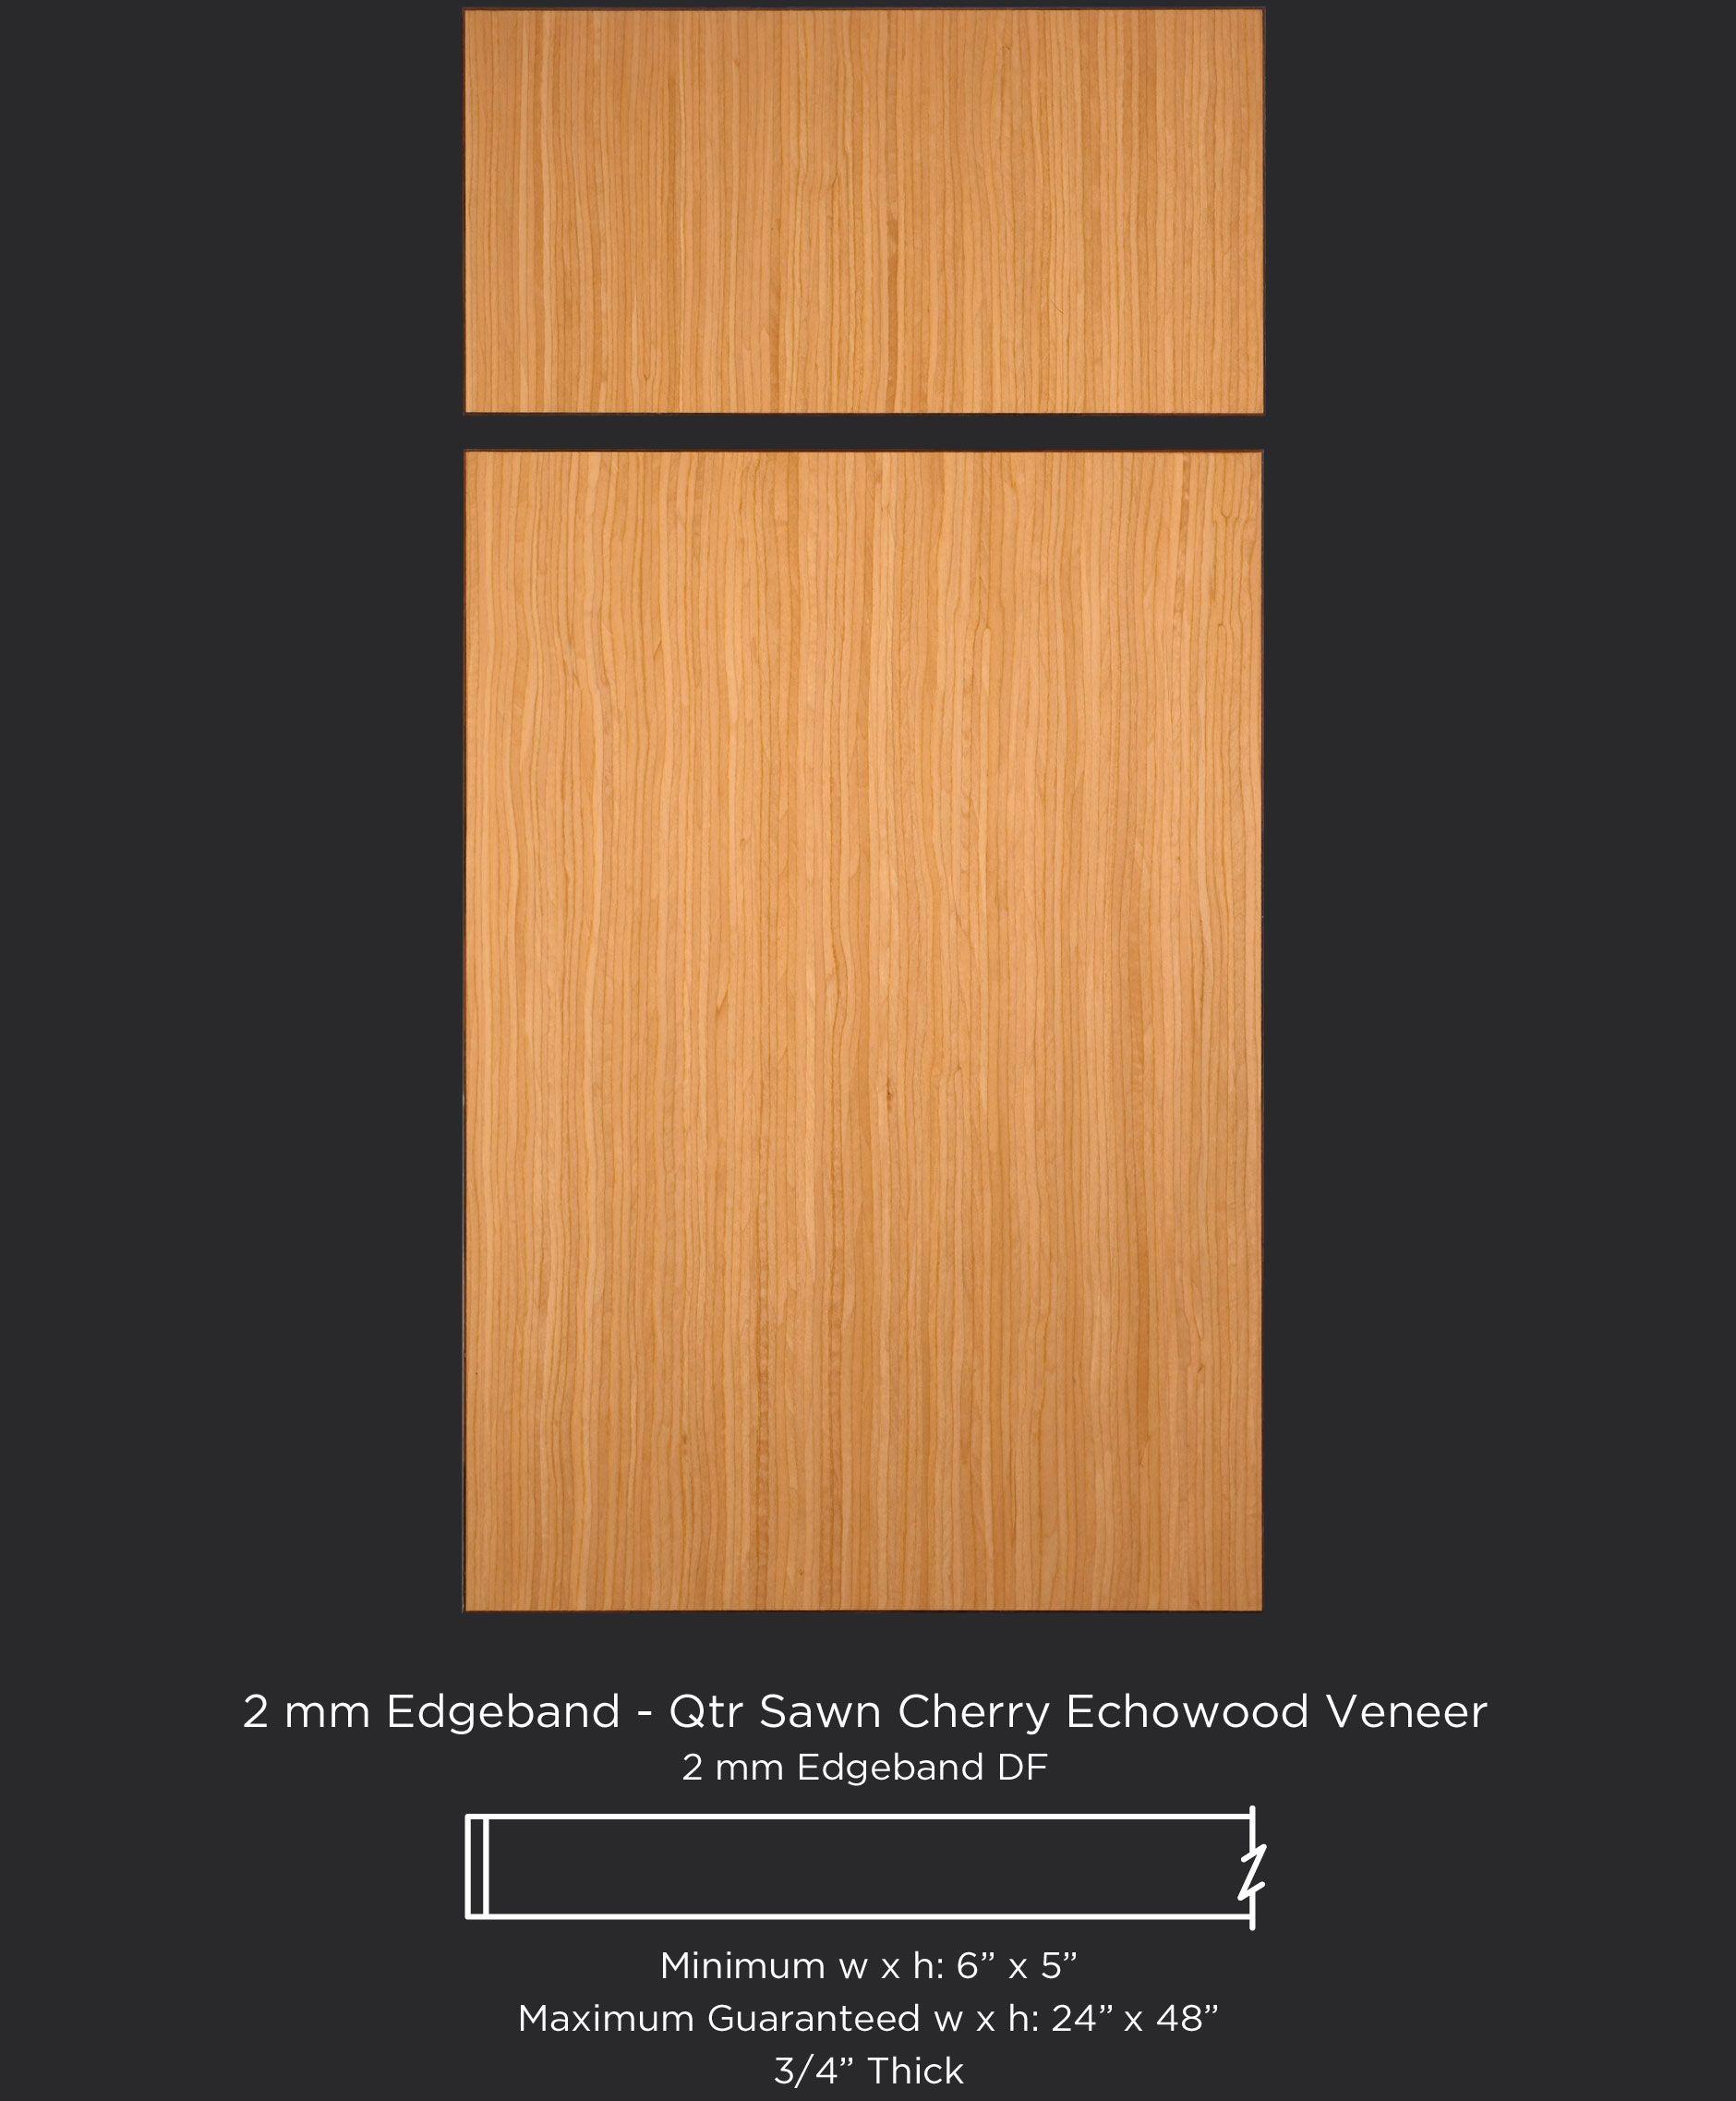 Veneer Kitchen Cabinet Doors: Quarter Sawn Cherry Echowood Veneer